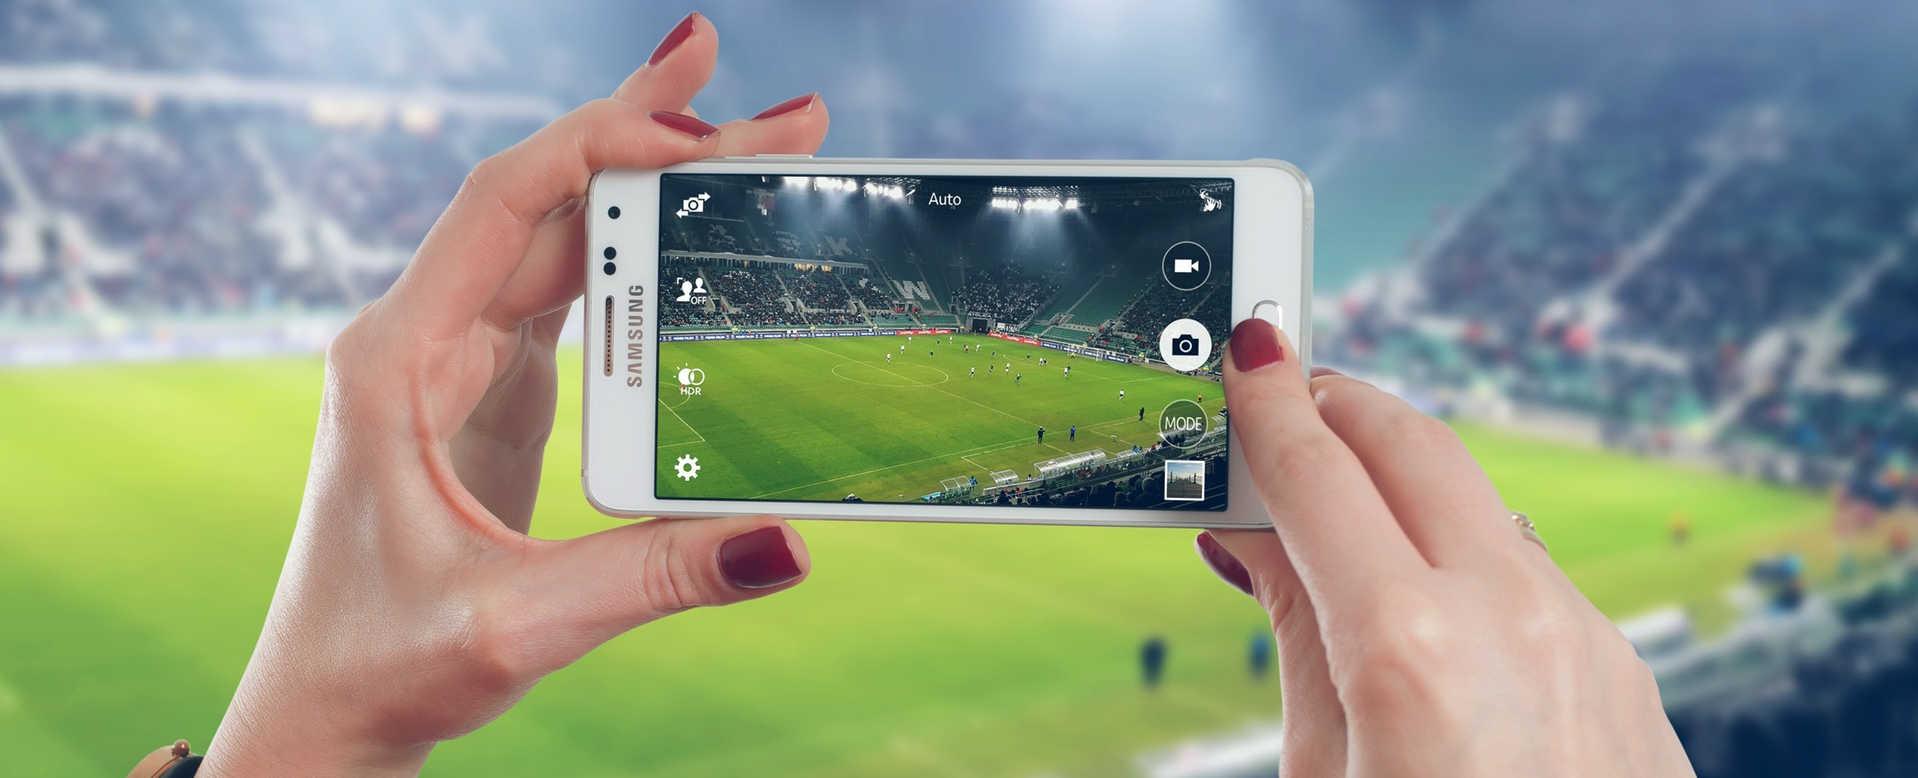 топ 10 смартфонов с лучшей камерой